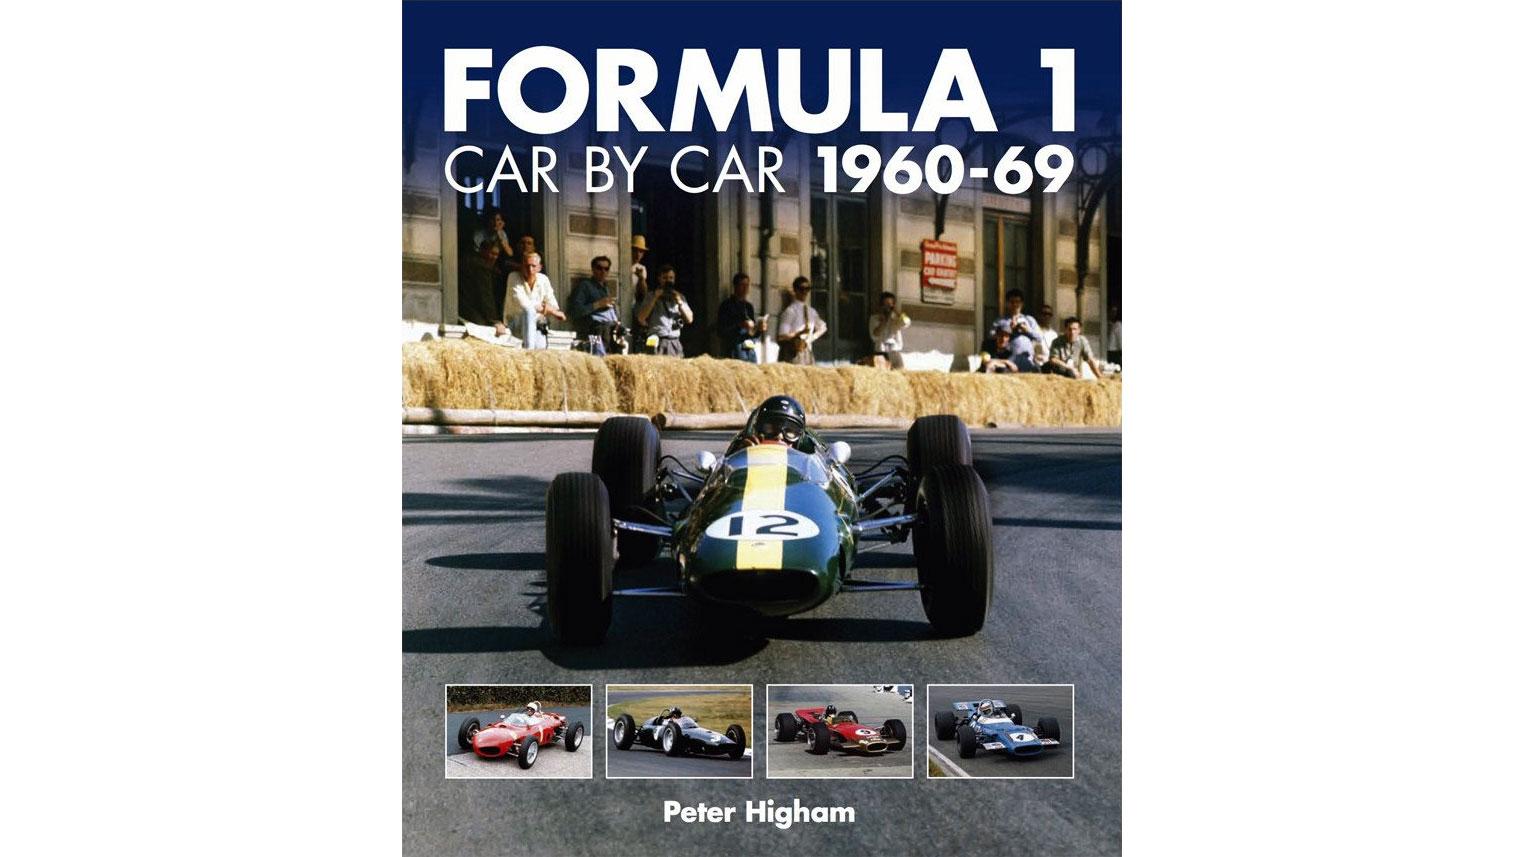 Formula 1 Car-by-car 1960-69